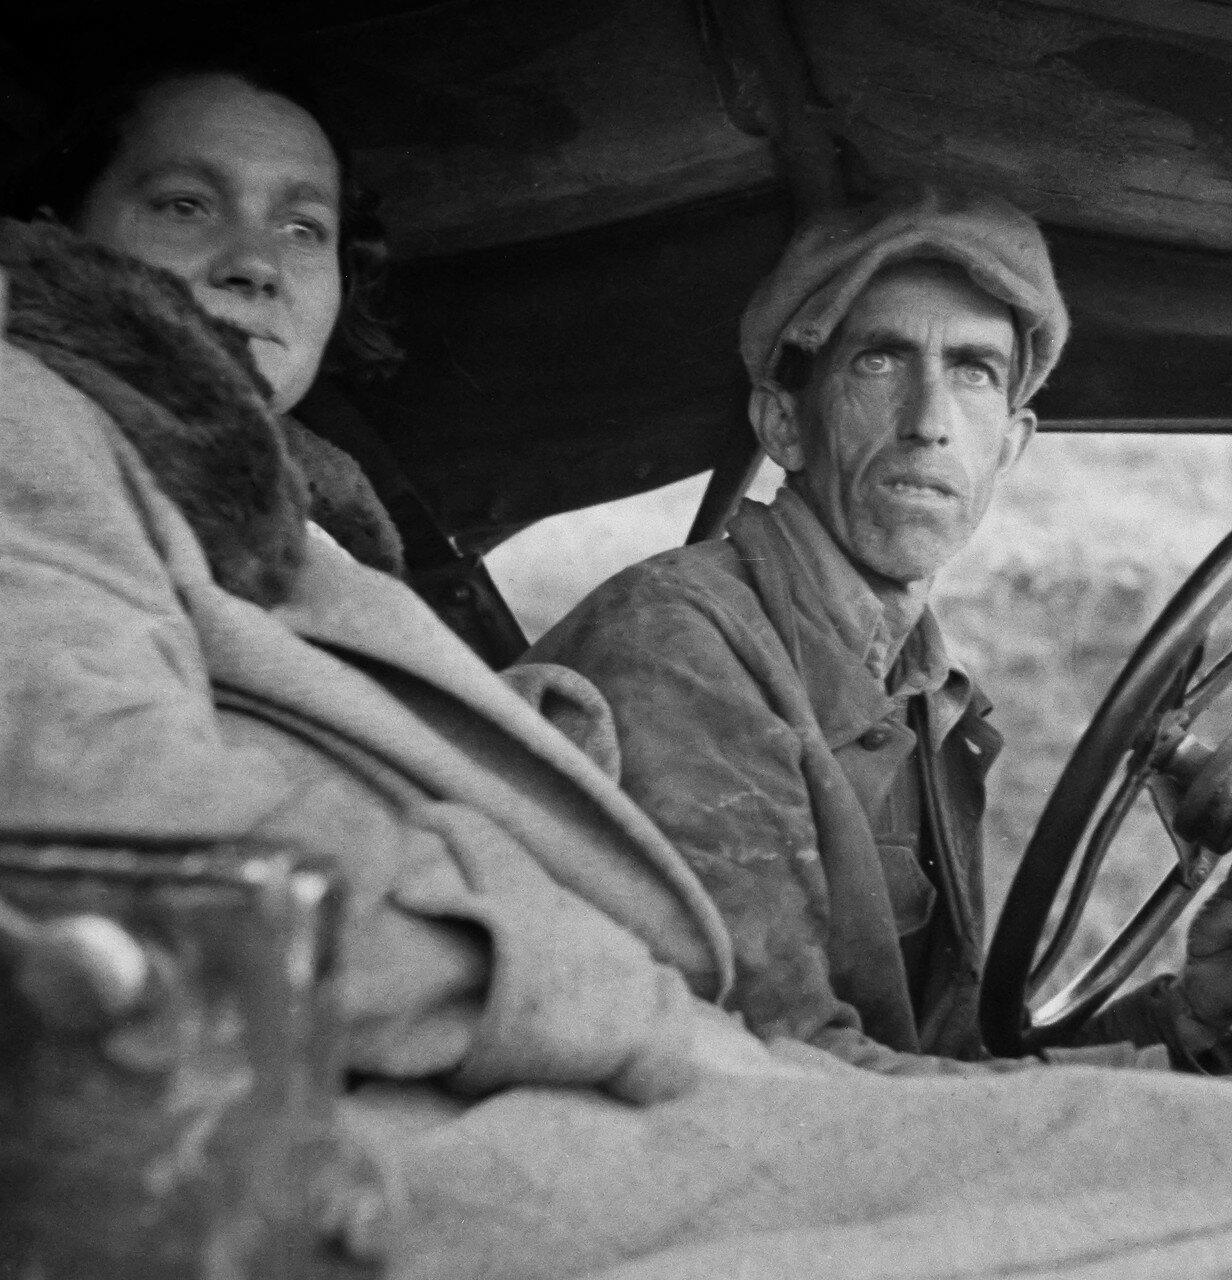 1939. Бывший фермер из Миссури, сейчас батрак. Калифорния